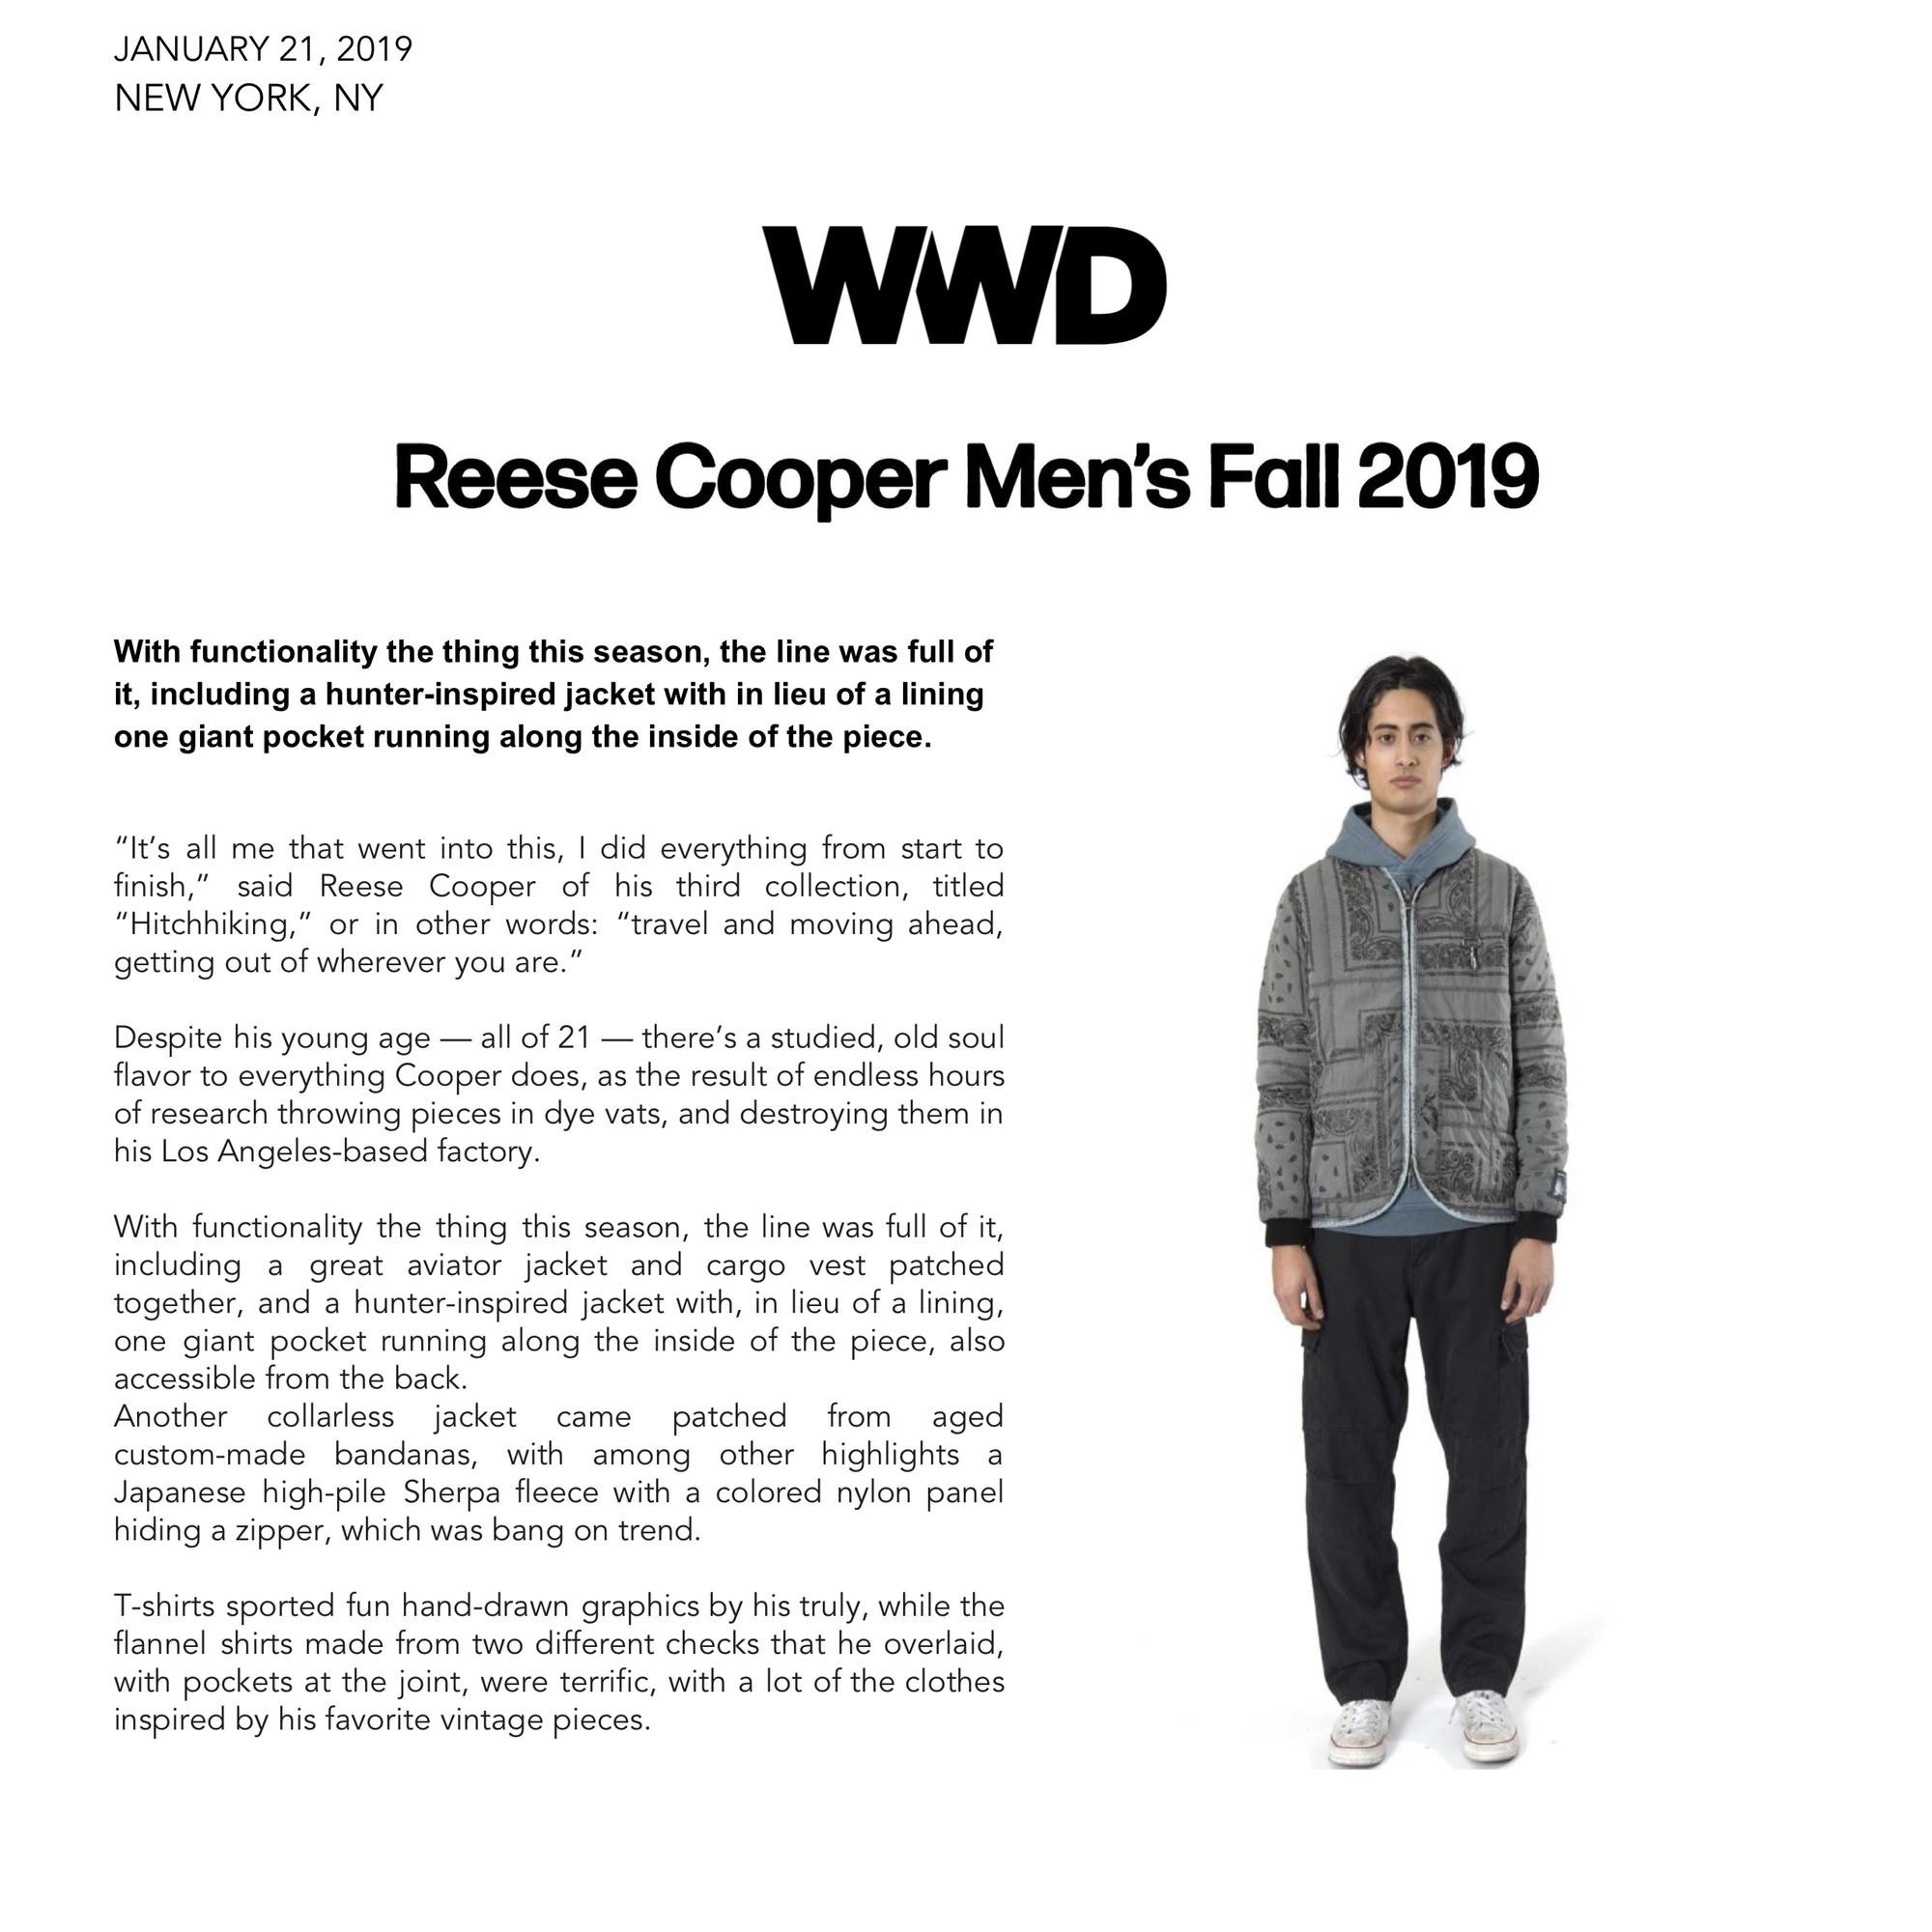 WWD 2019 2.jpg